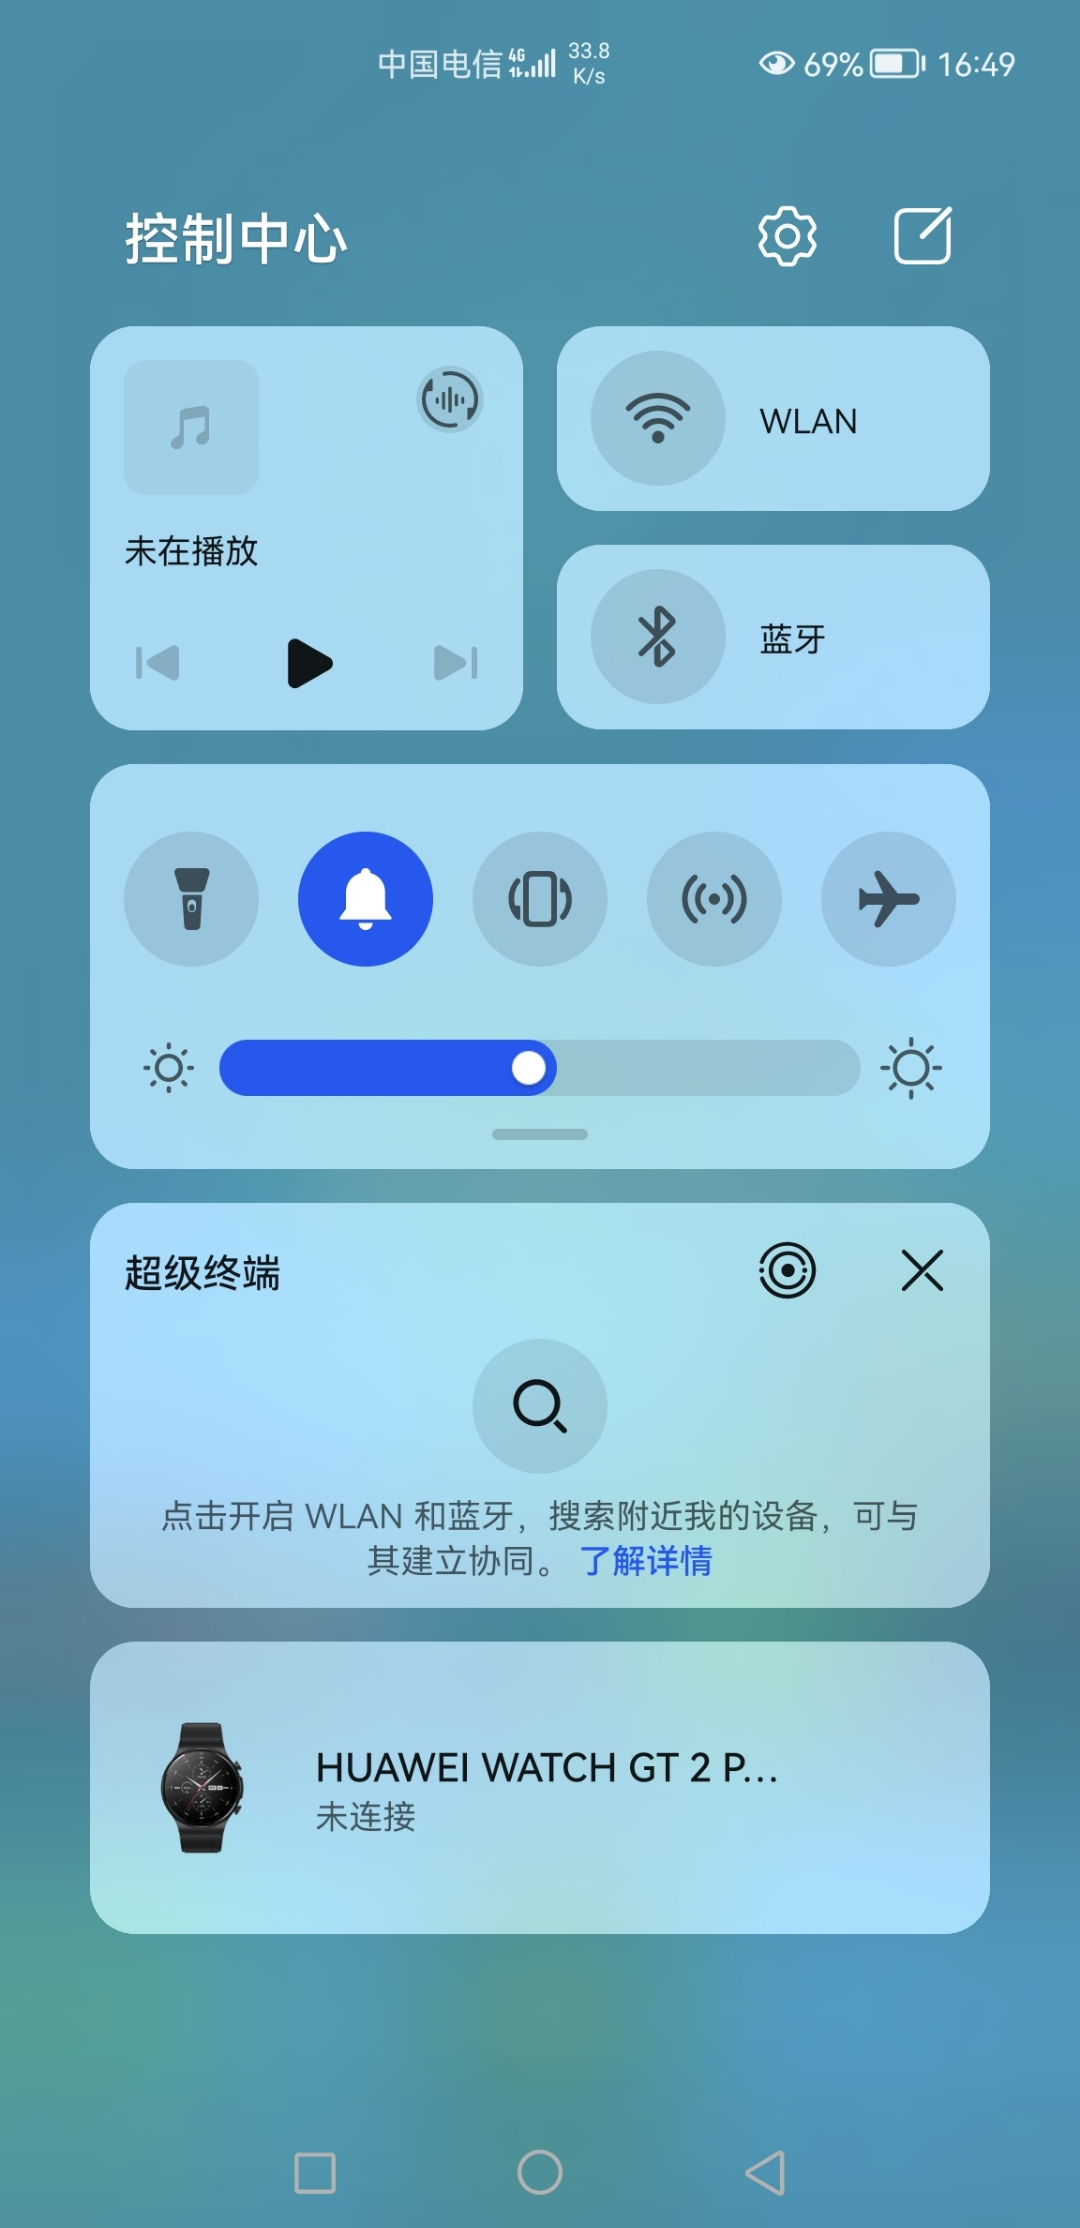 Screenshot_20210603_164927_com.huawei.android.launcher.jpg